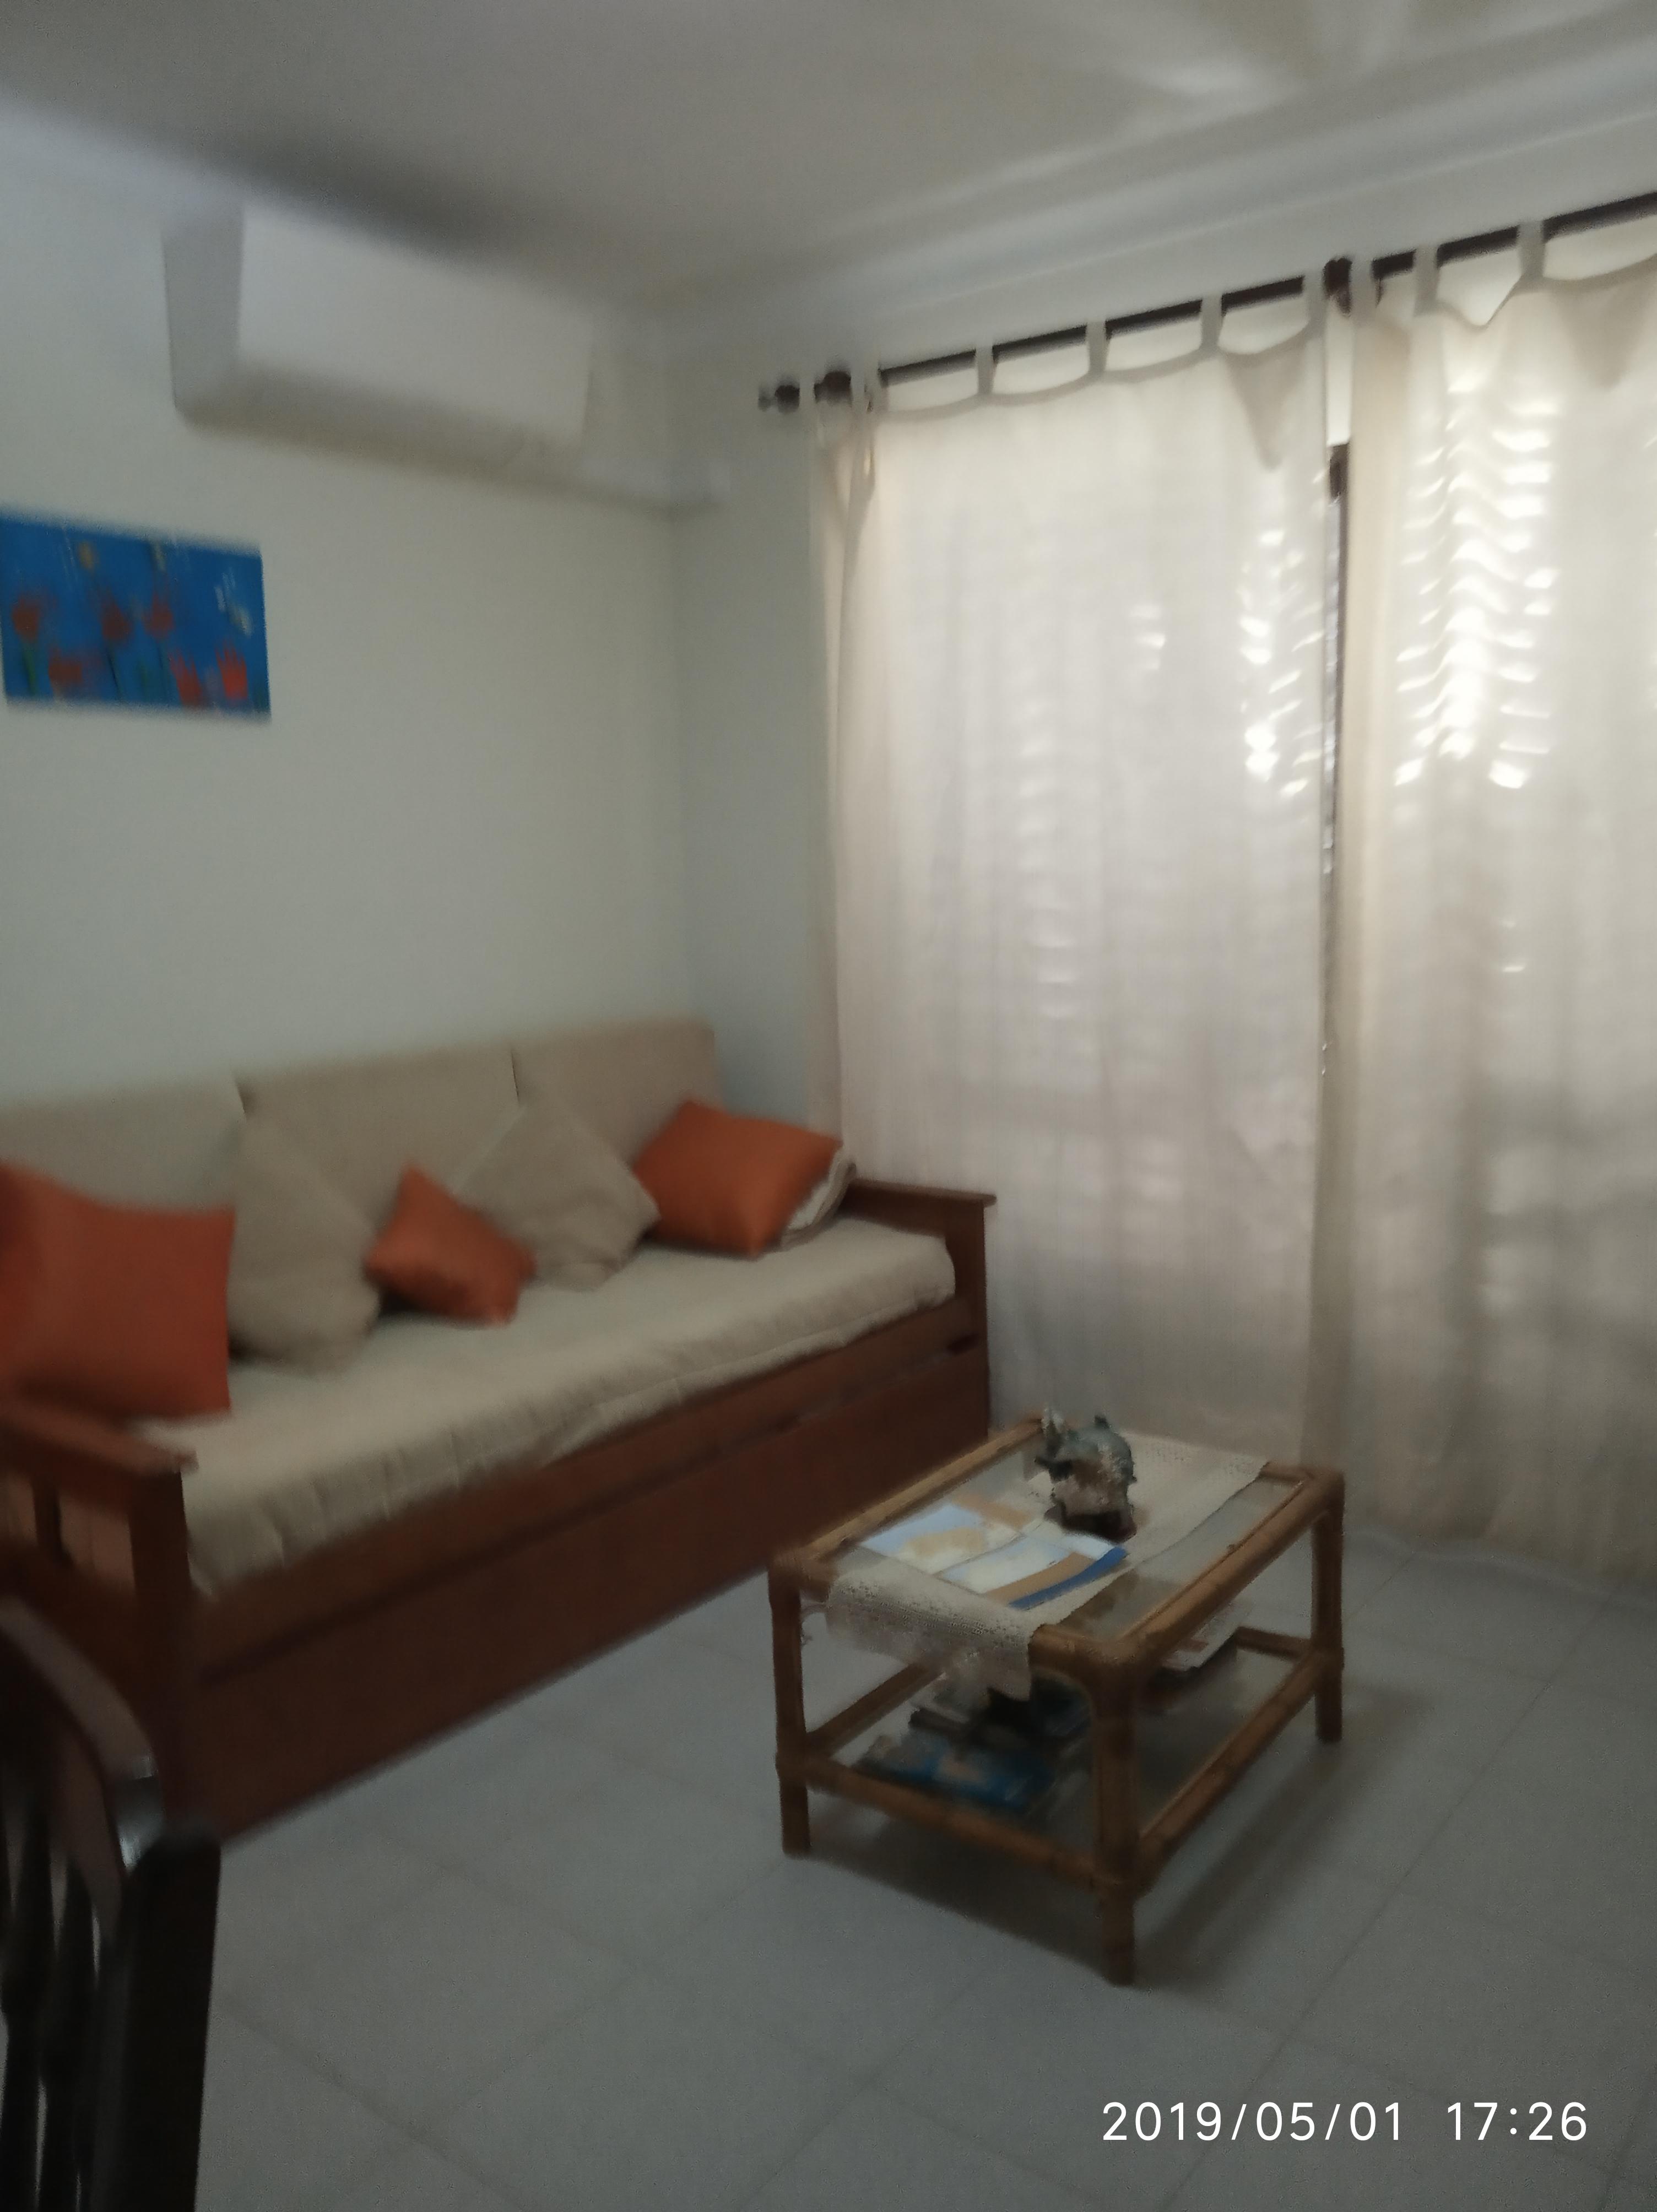 Location appartements et villas de vacance, Apartamento Mar-Colina-Sol à Carvoeiro, Portugal Algarve, REF_IMG_12968_12980